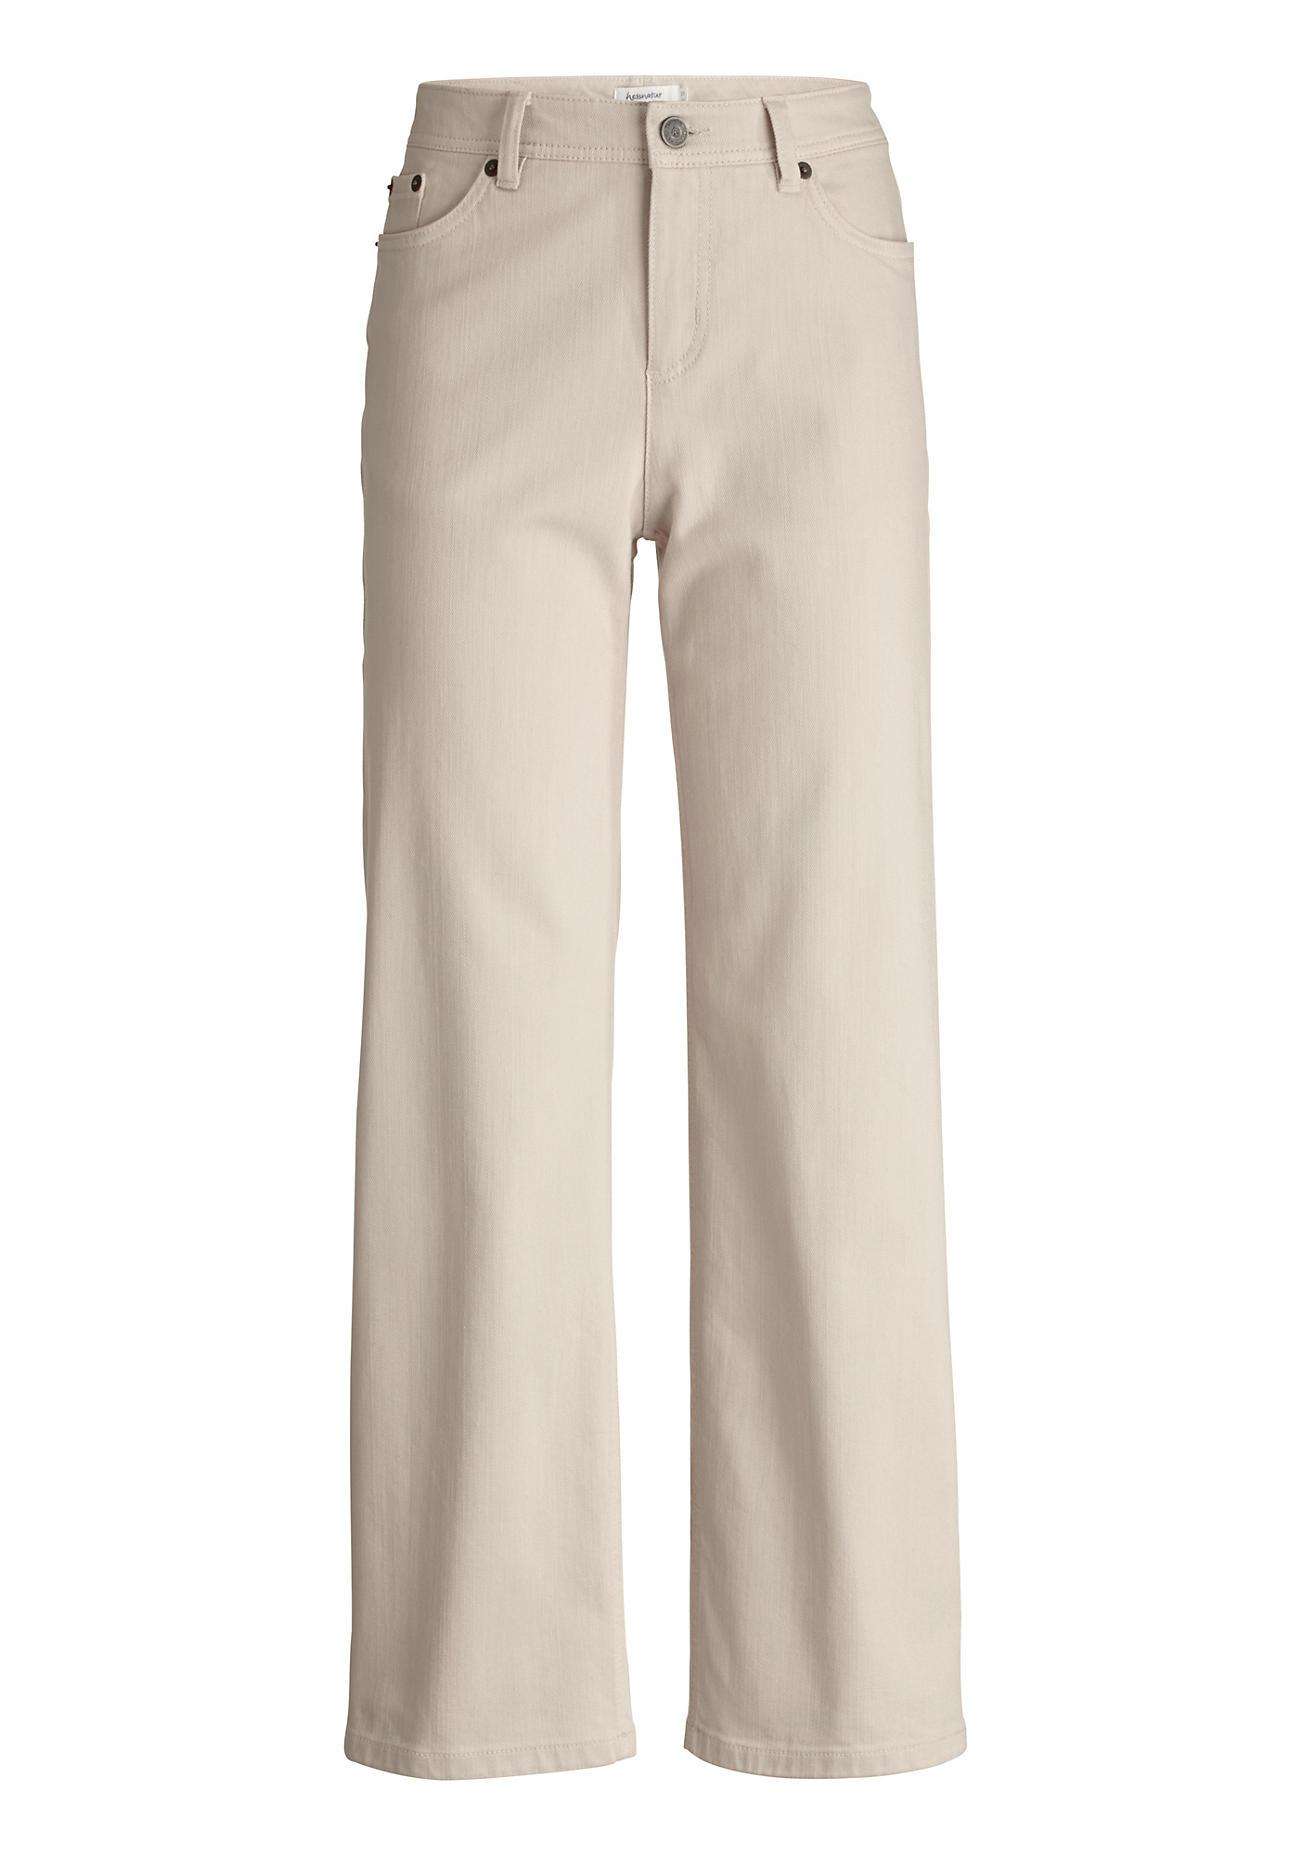 Hosen für Frauen - hessnatur Damen Jeans Culotte aus Bio Baumwolle – beige –  - Onlineshop Hessnatur